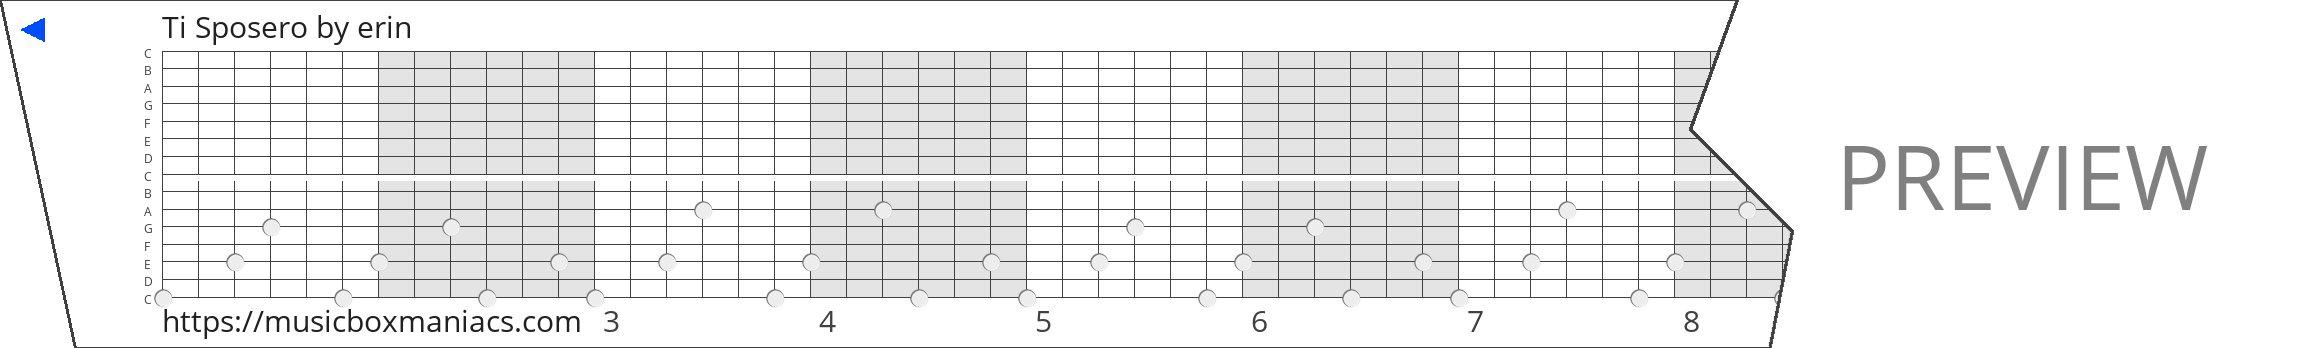 Ti Sposero 15 note music box paper strip